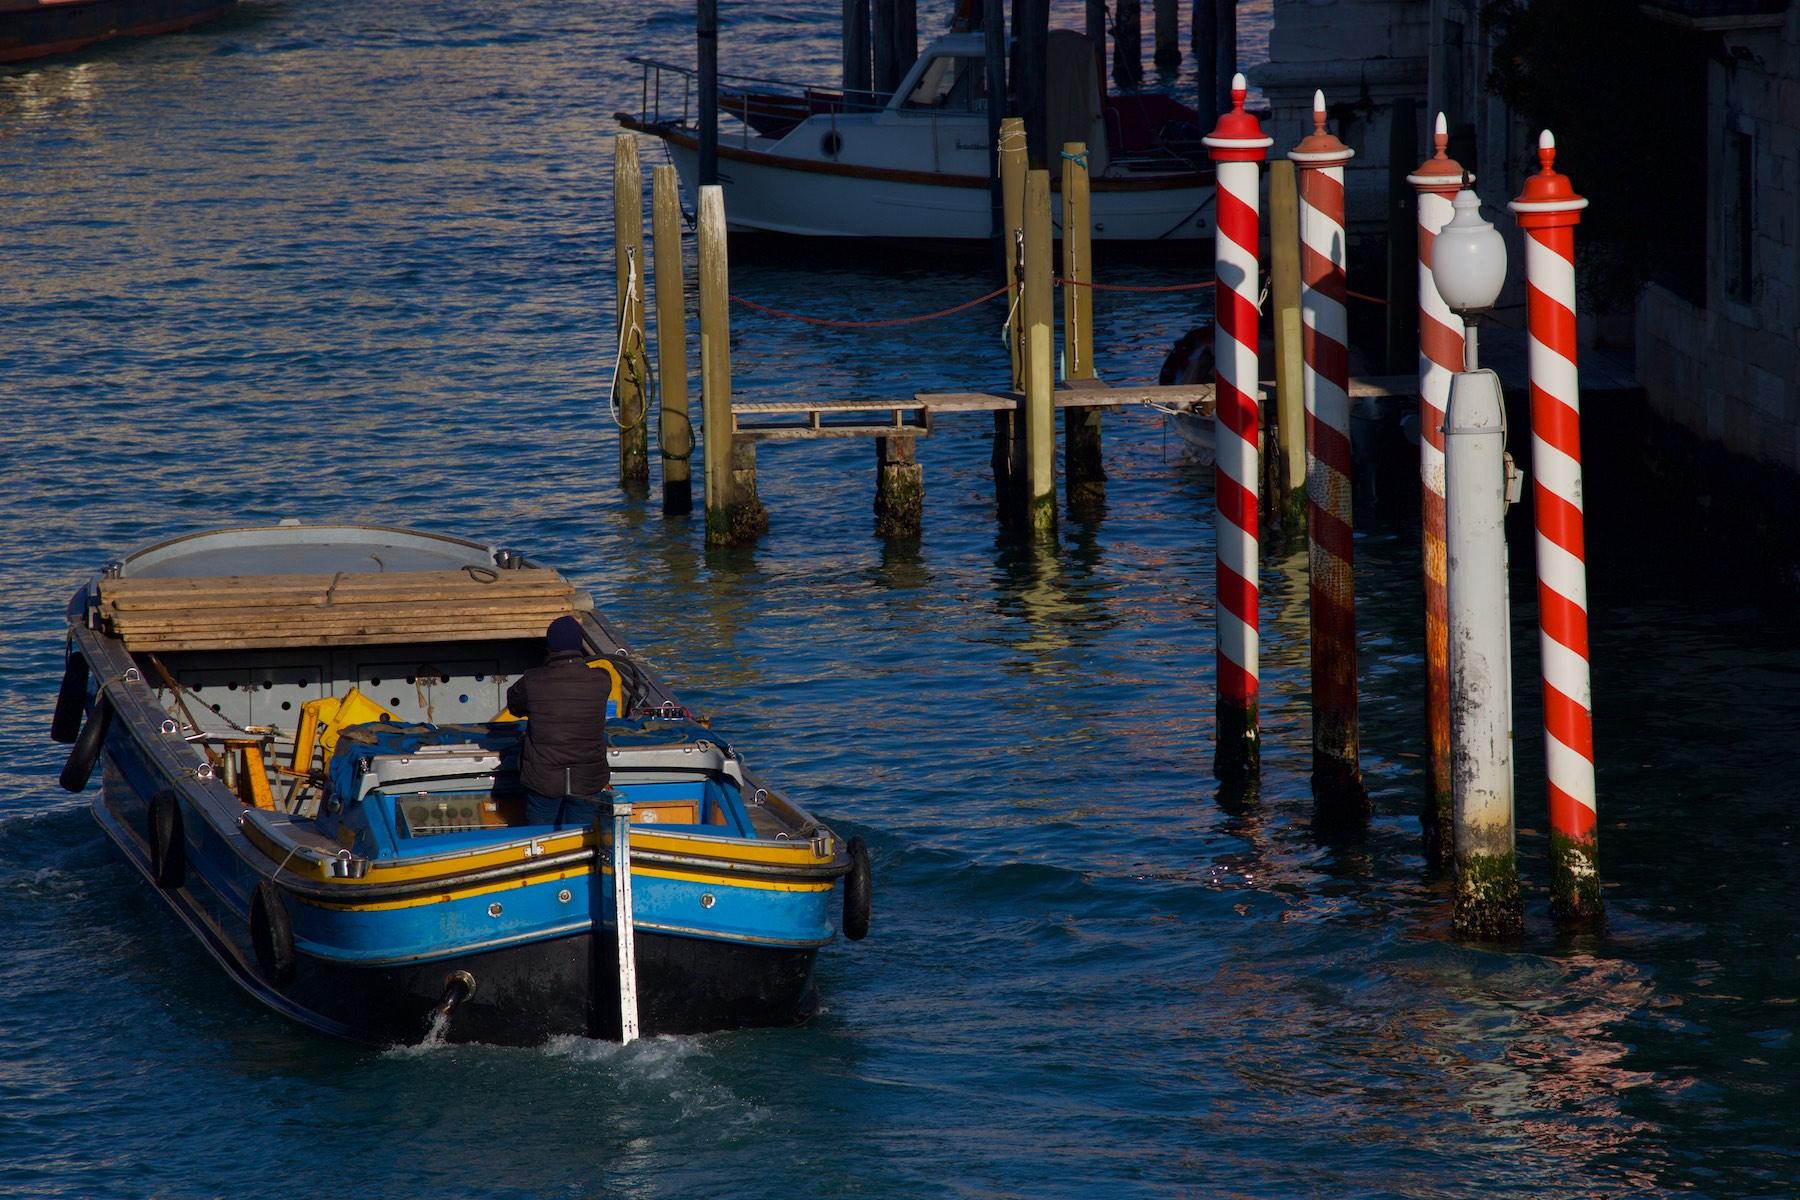 Photo © John McDermott | Venedig Scouting 2019